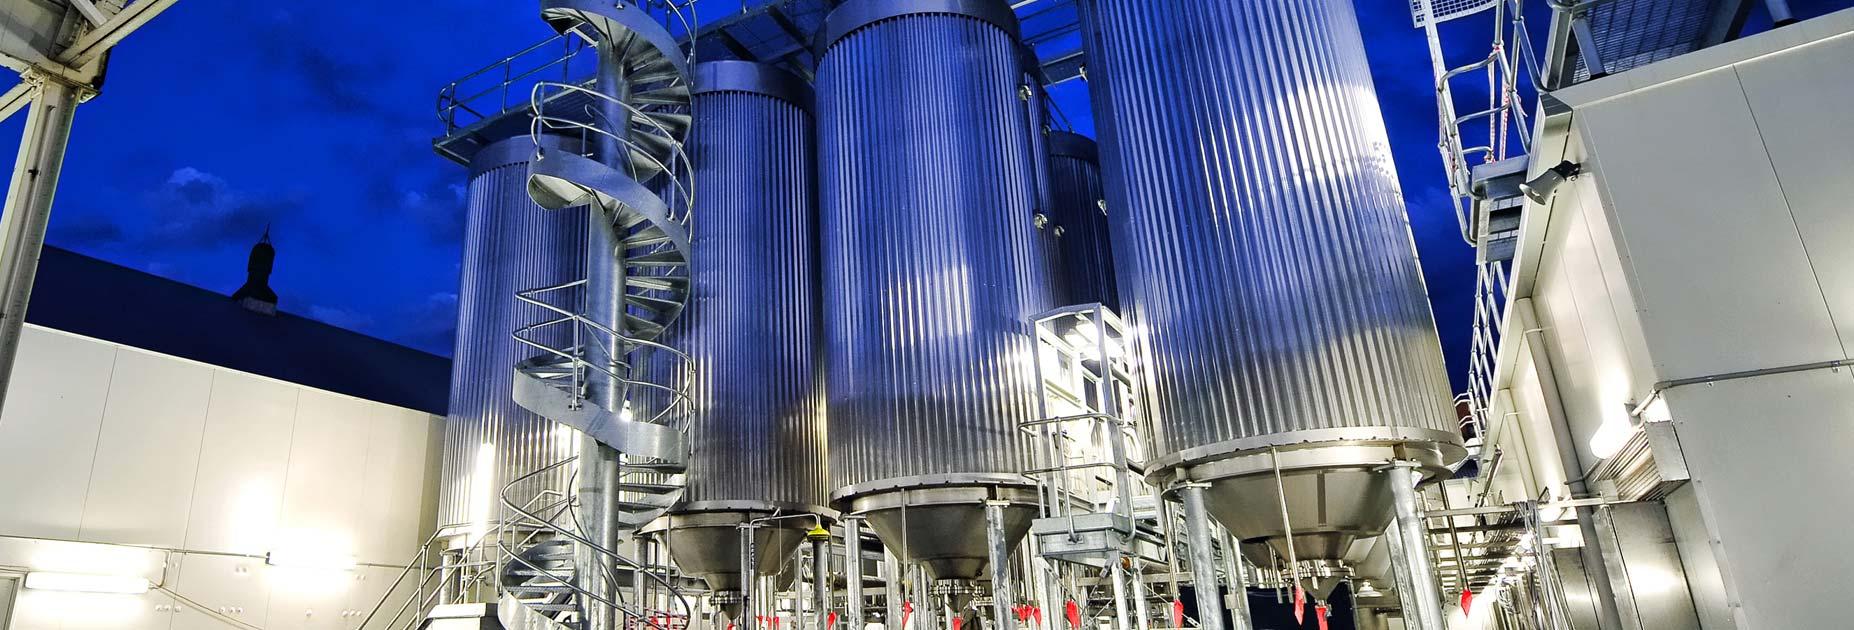 stainless steel tank, stainless steel pressure vessels, engineering, mixing tanks,